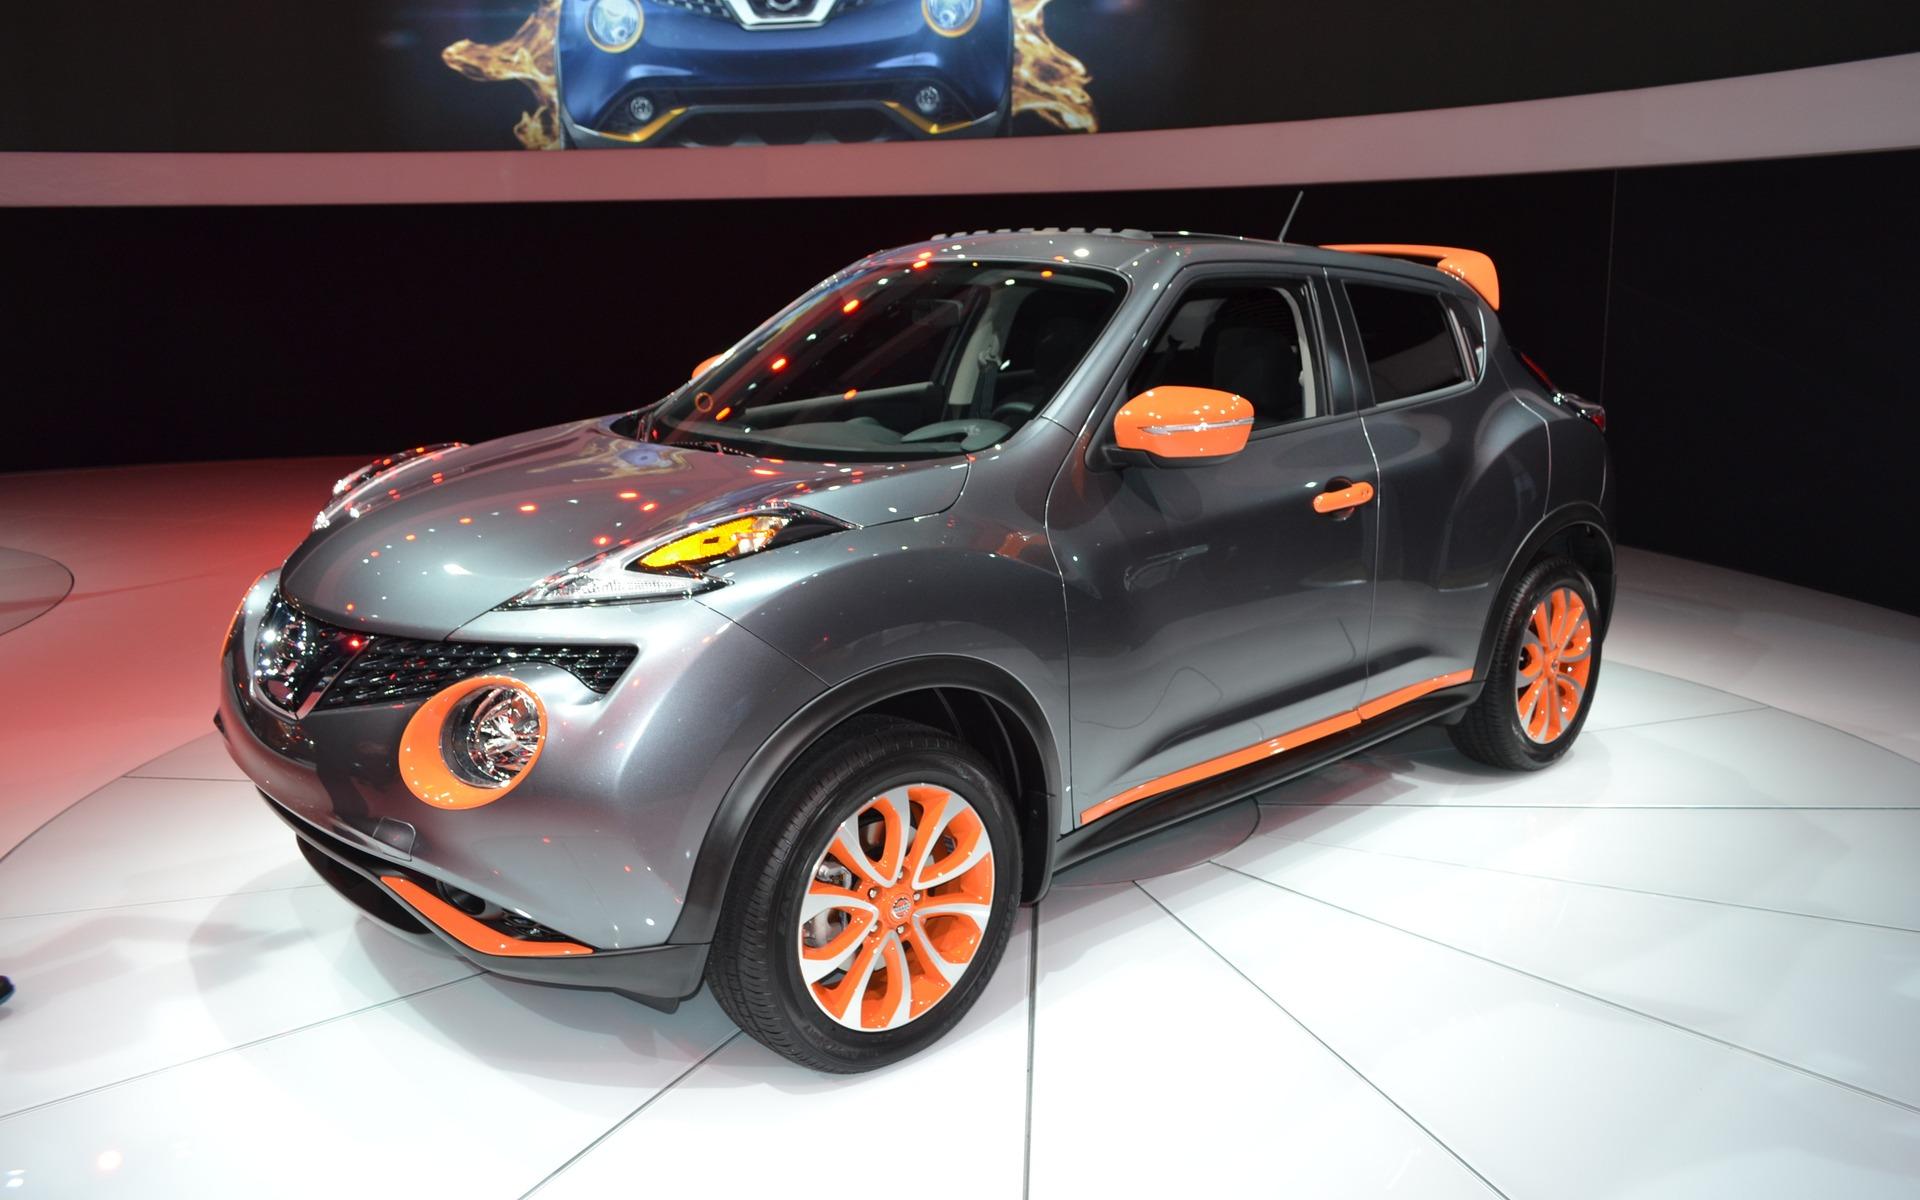 La Nissan Juke personalisée. Cela accentue la laideur de la silhouette.